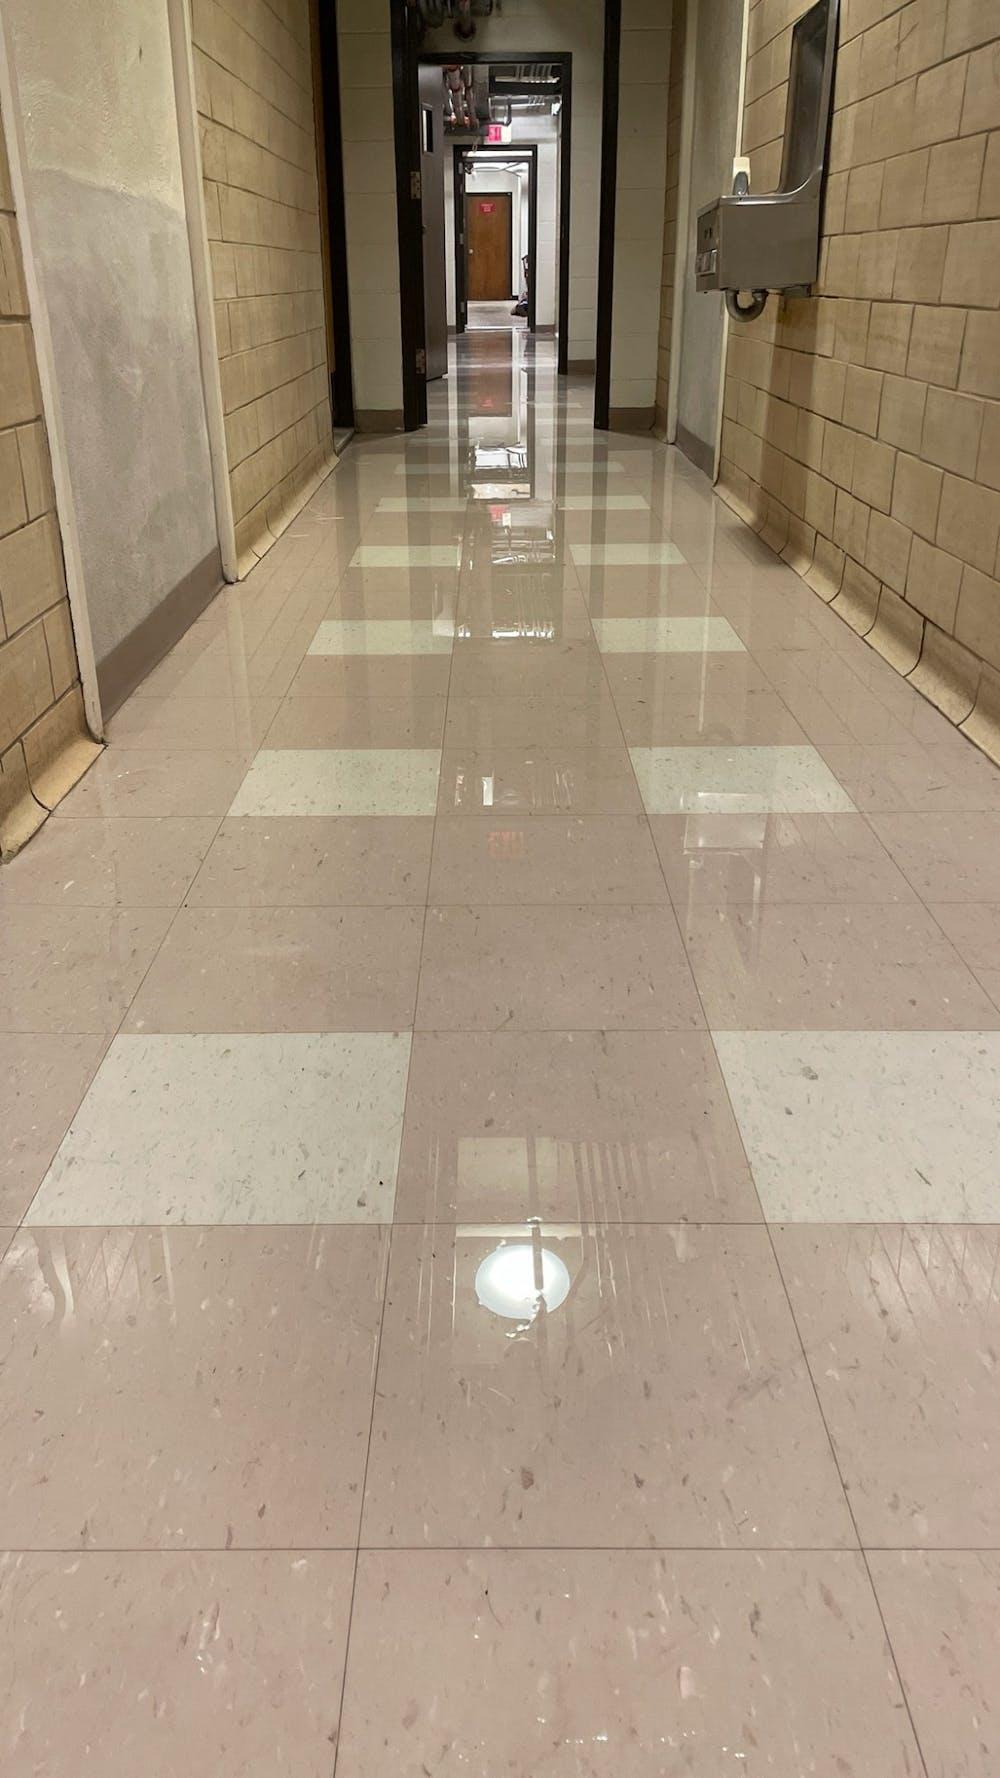 <h4>Flooding in Joline Hall.</h4> <h5>Courtesy of Alex Moosbrugger</h5>